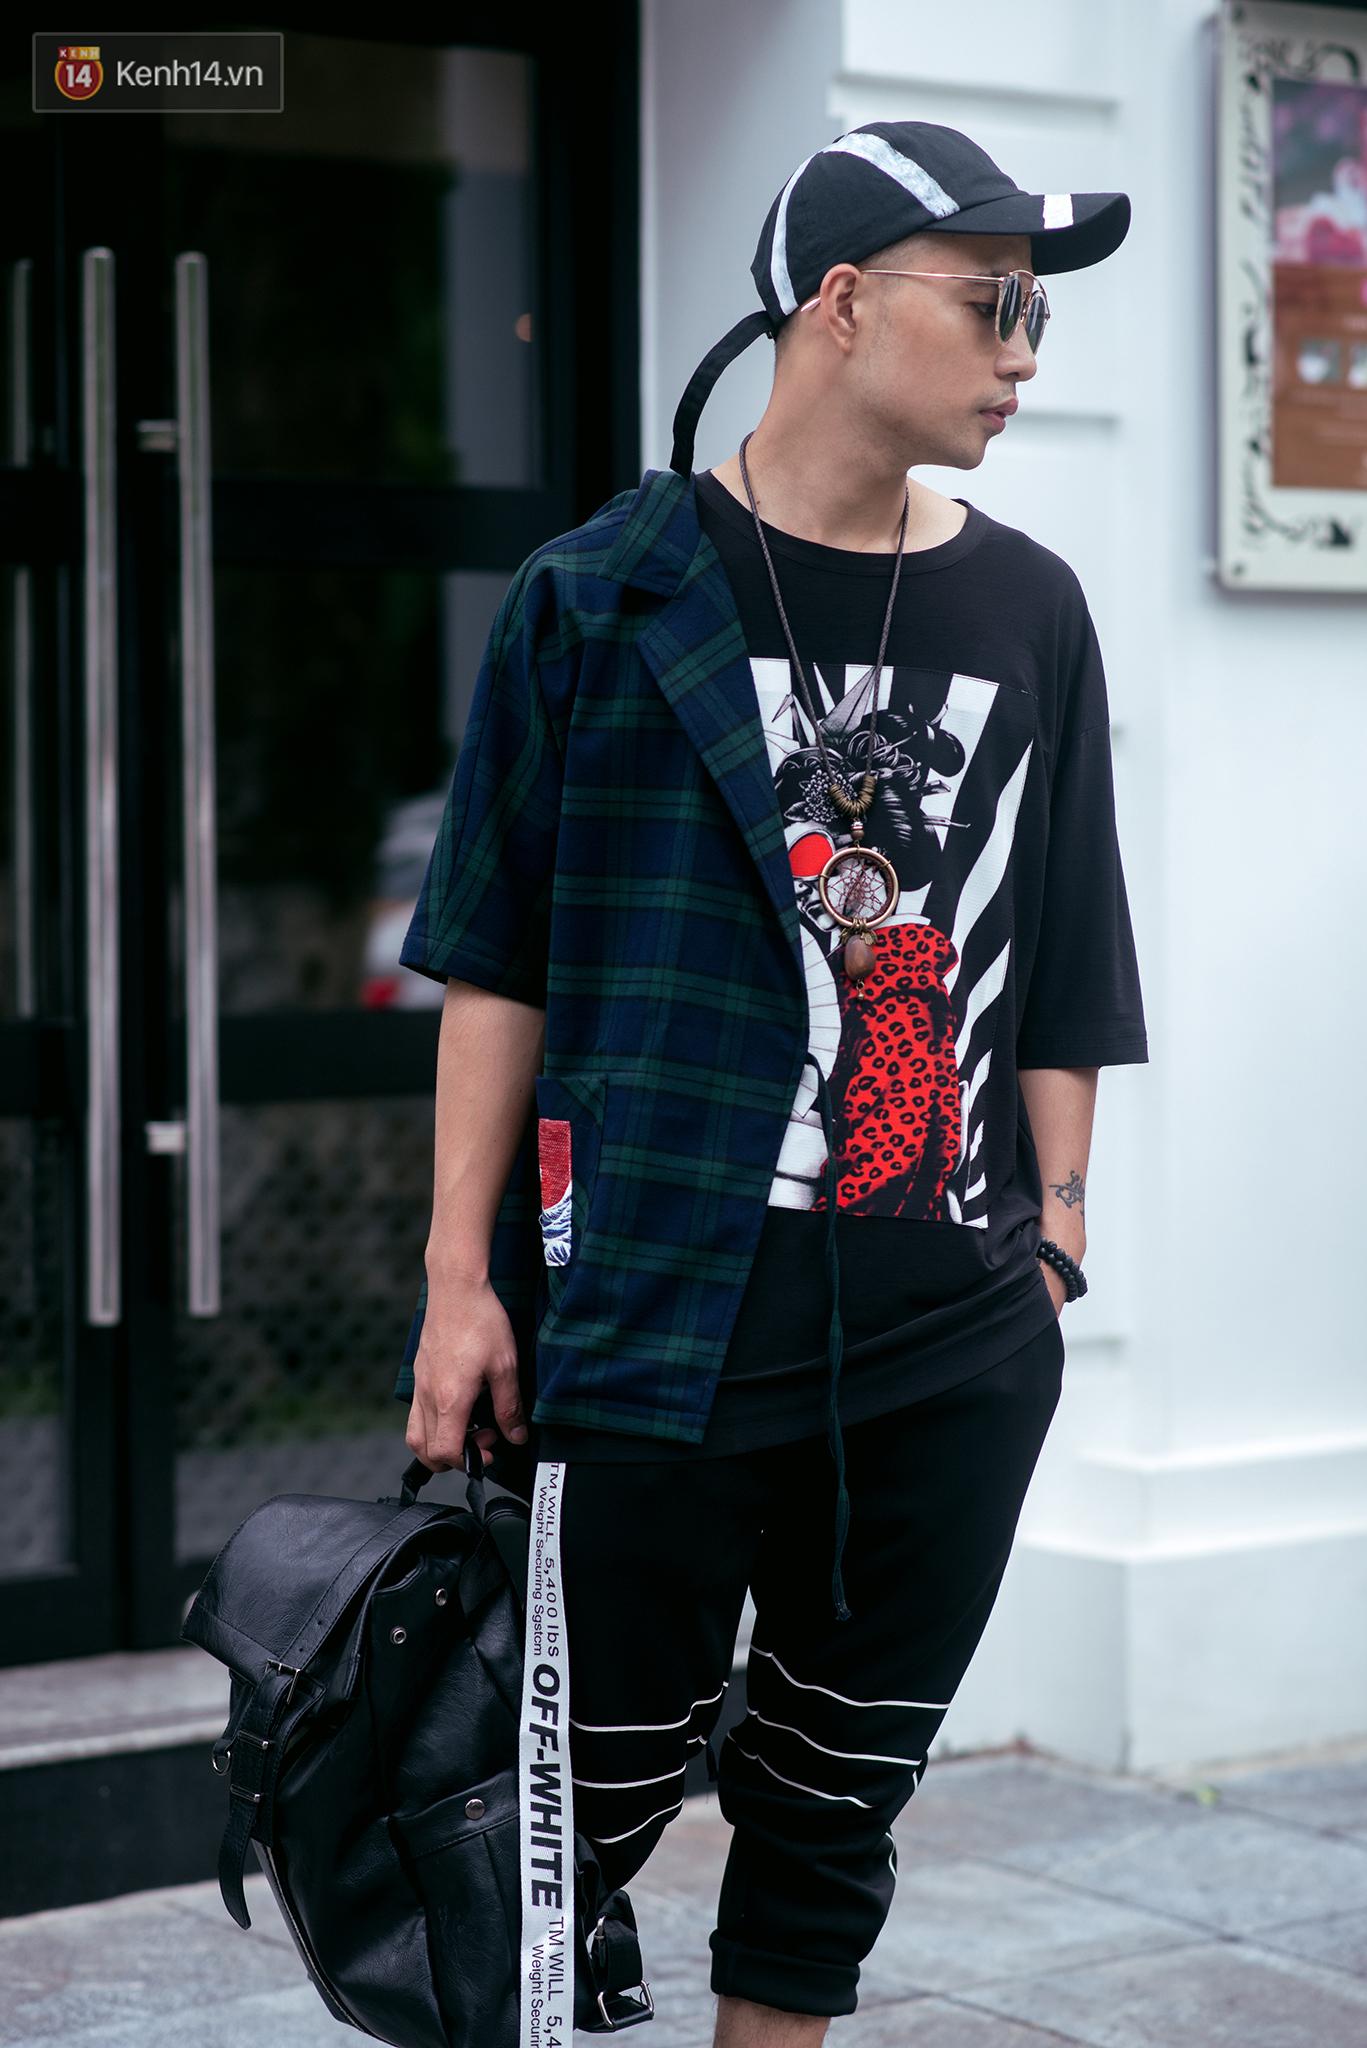 Ngắm street style tươi roi rói của giới trẻ 2 miền, bạn sẽ thấy thích diện đồ màu mè ngay lập tức - Ảnh 9.